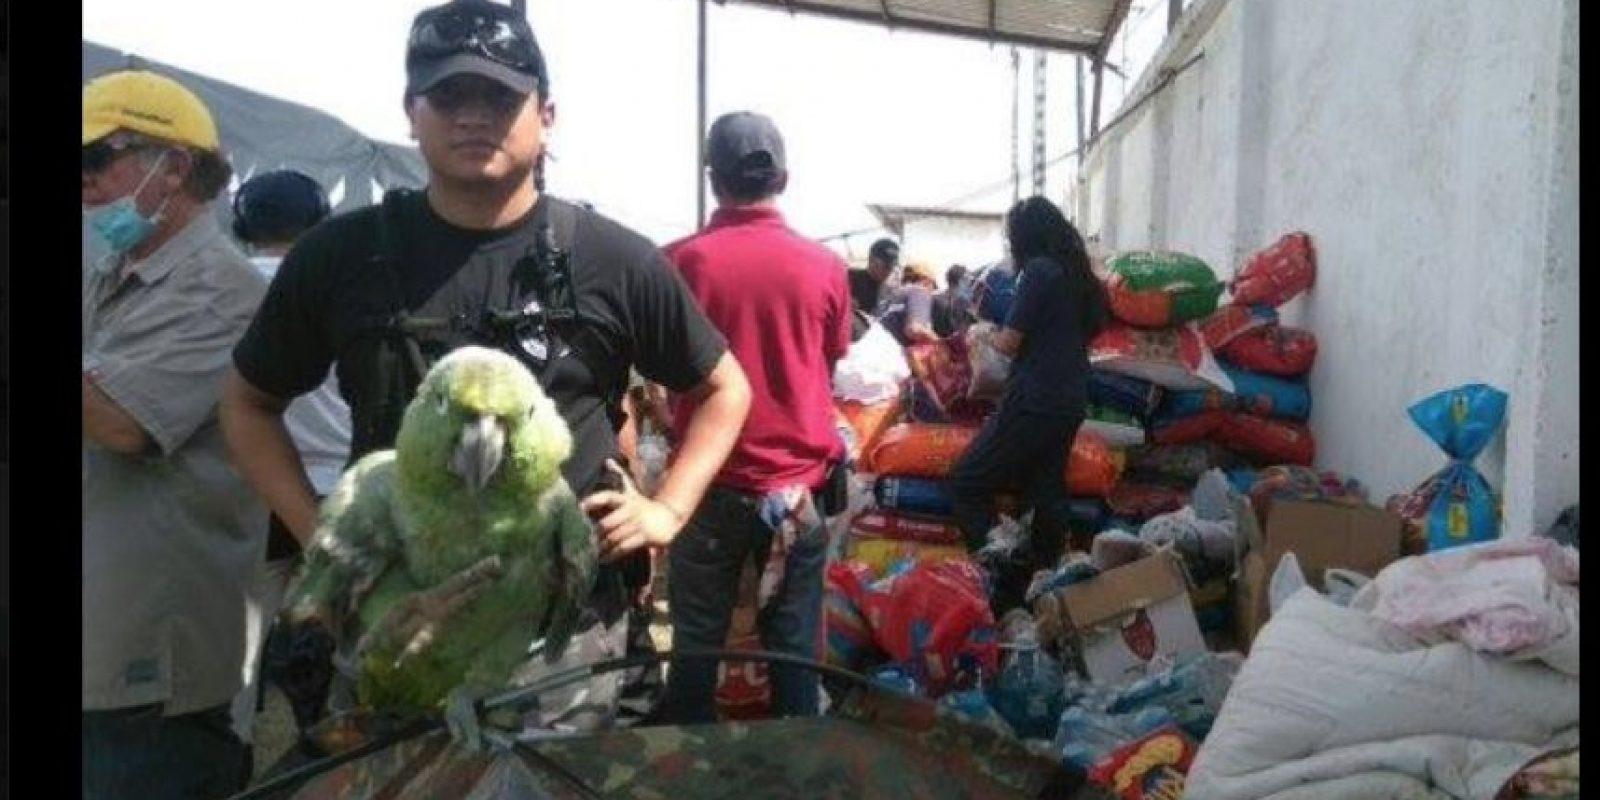 Cada vez que encuentran alguno ven la manera de brindar ayuda sin importar tamaño o raza. Foto:facebook.com/policia.ecuador